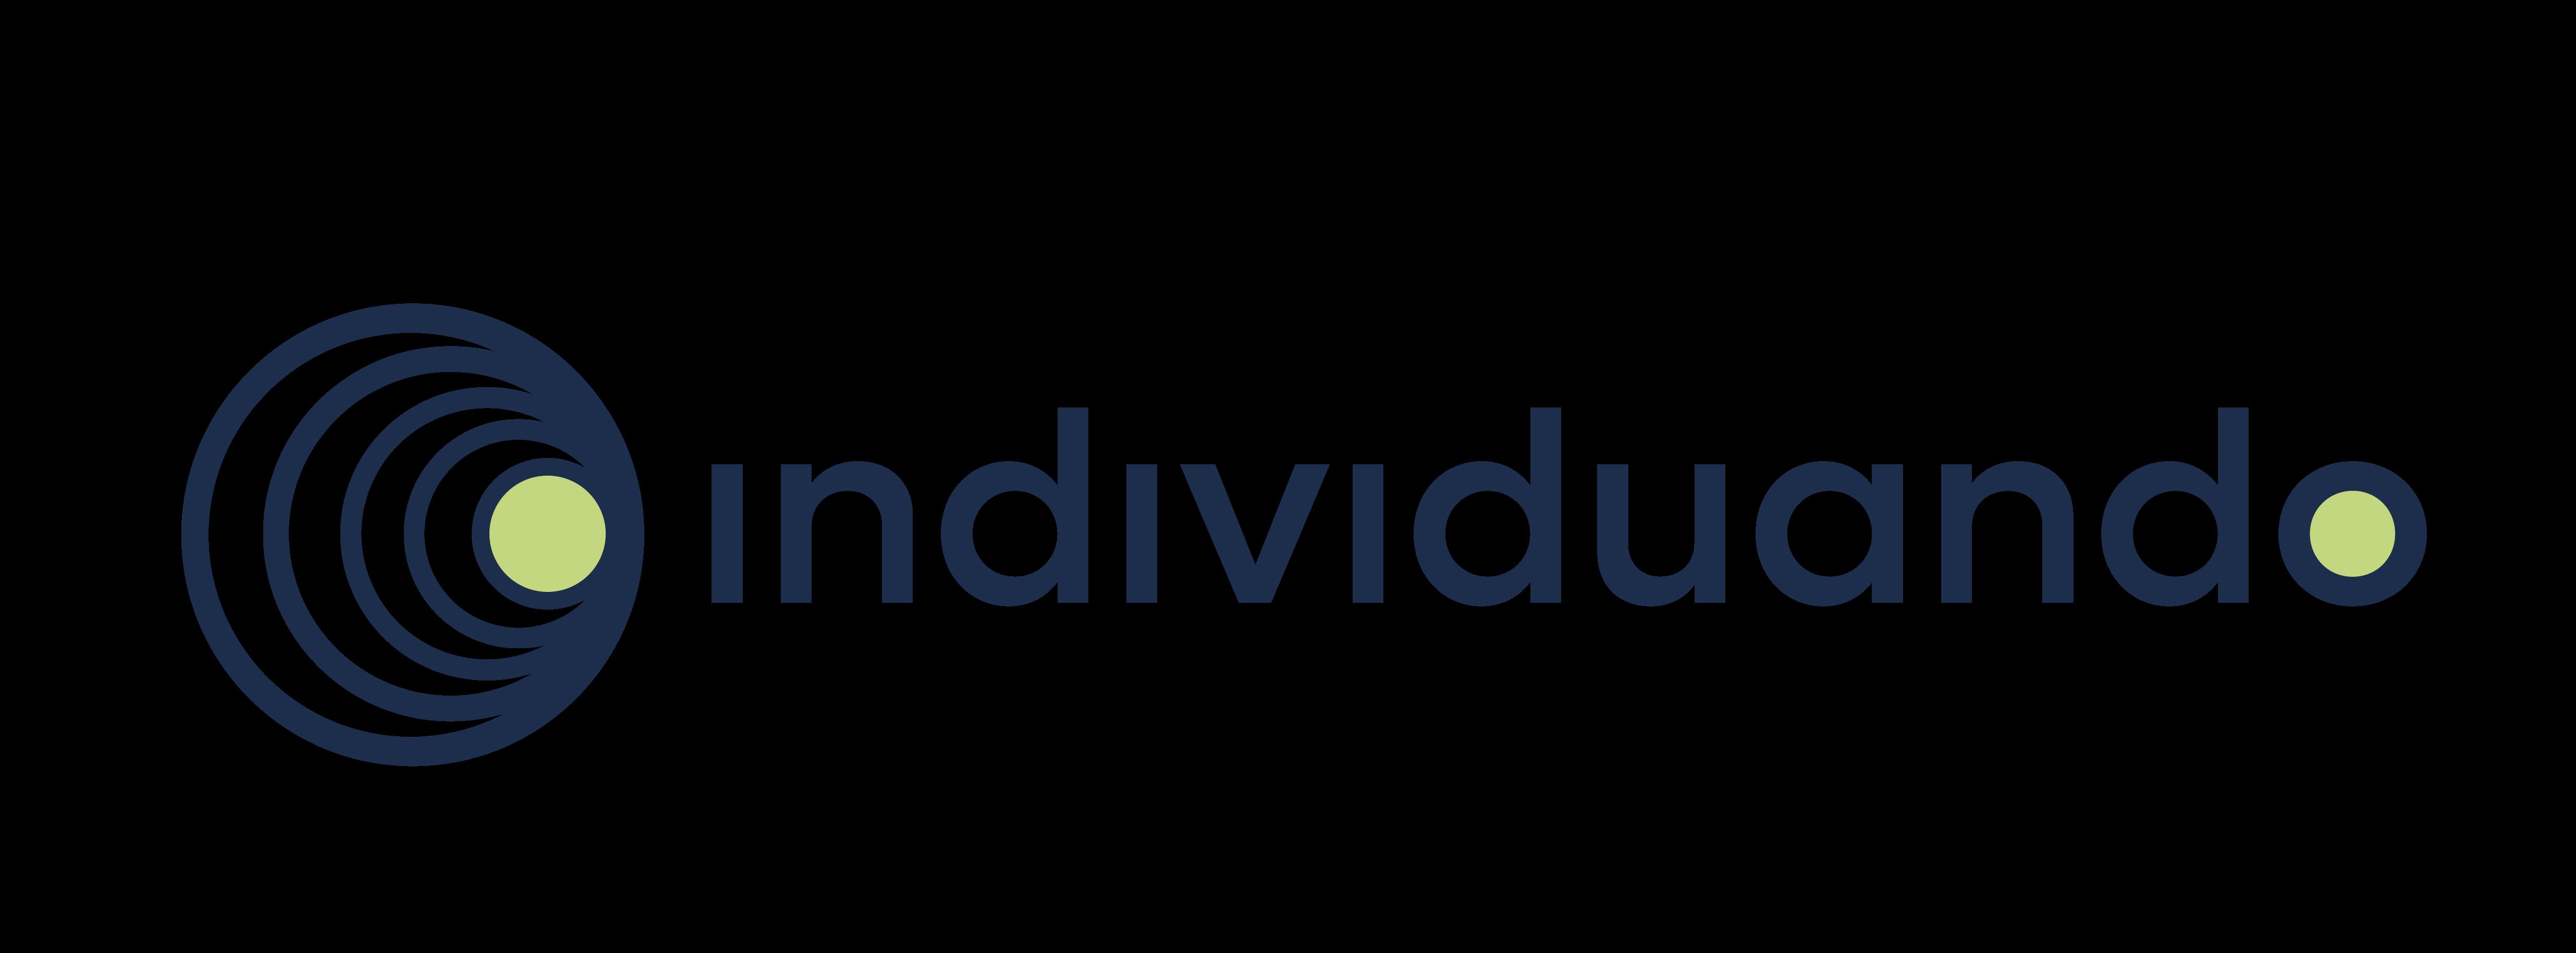 individuando-logotipo-positivo-horizontal-versao-prioritaria-002